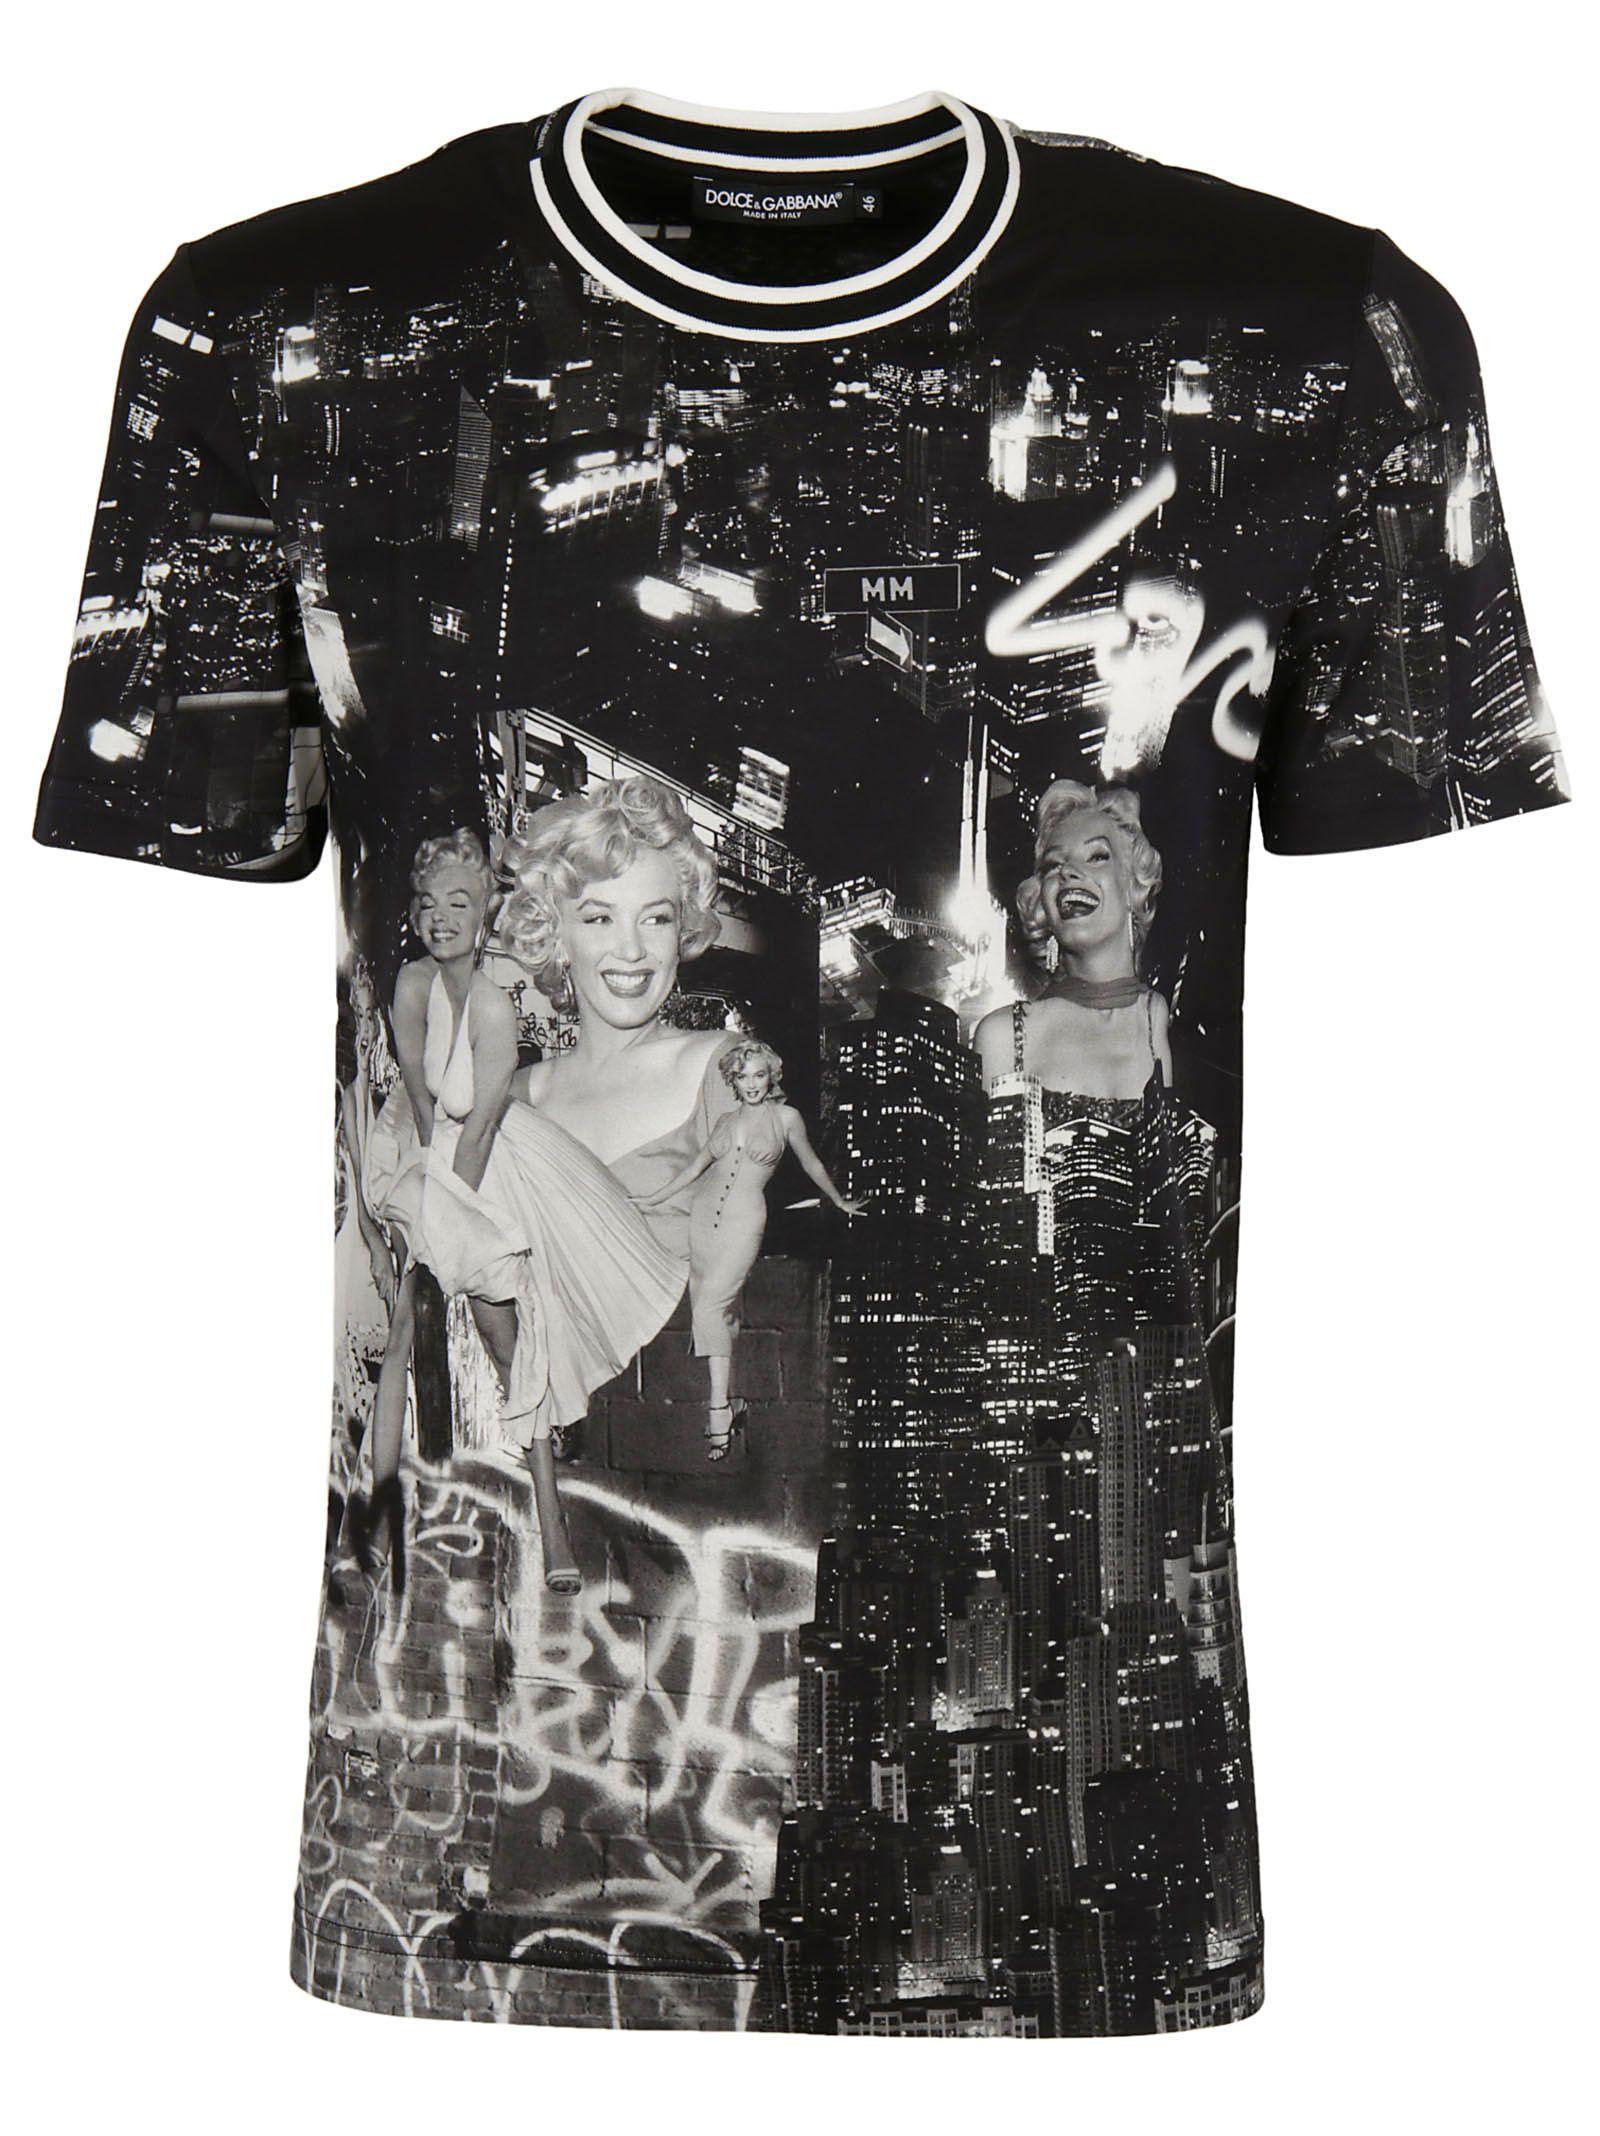 Dolce & Gabbana Photo T-shirt